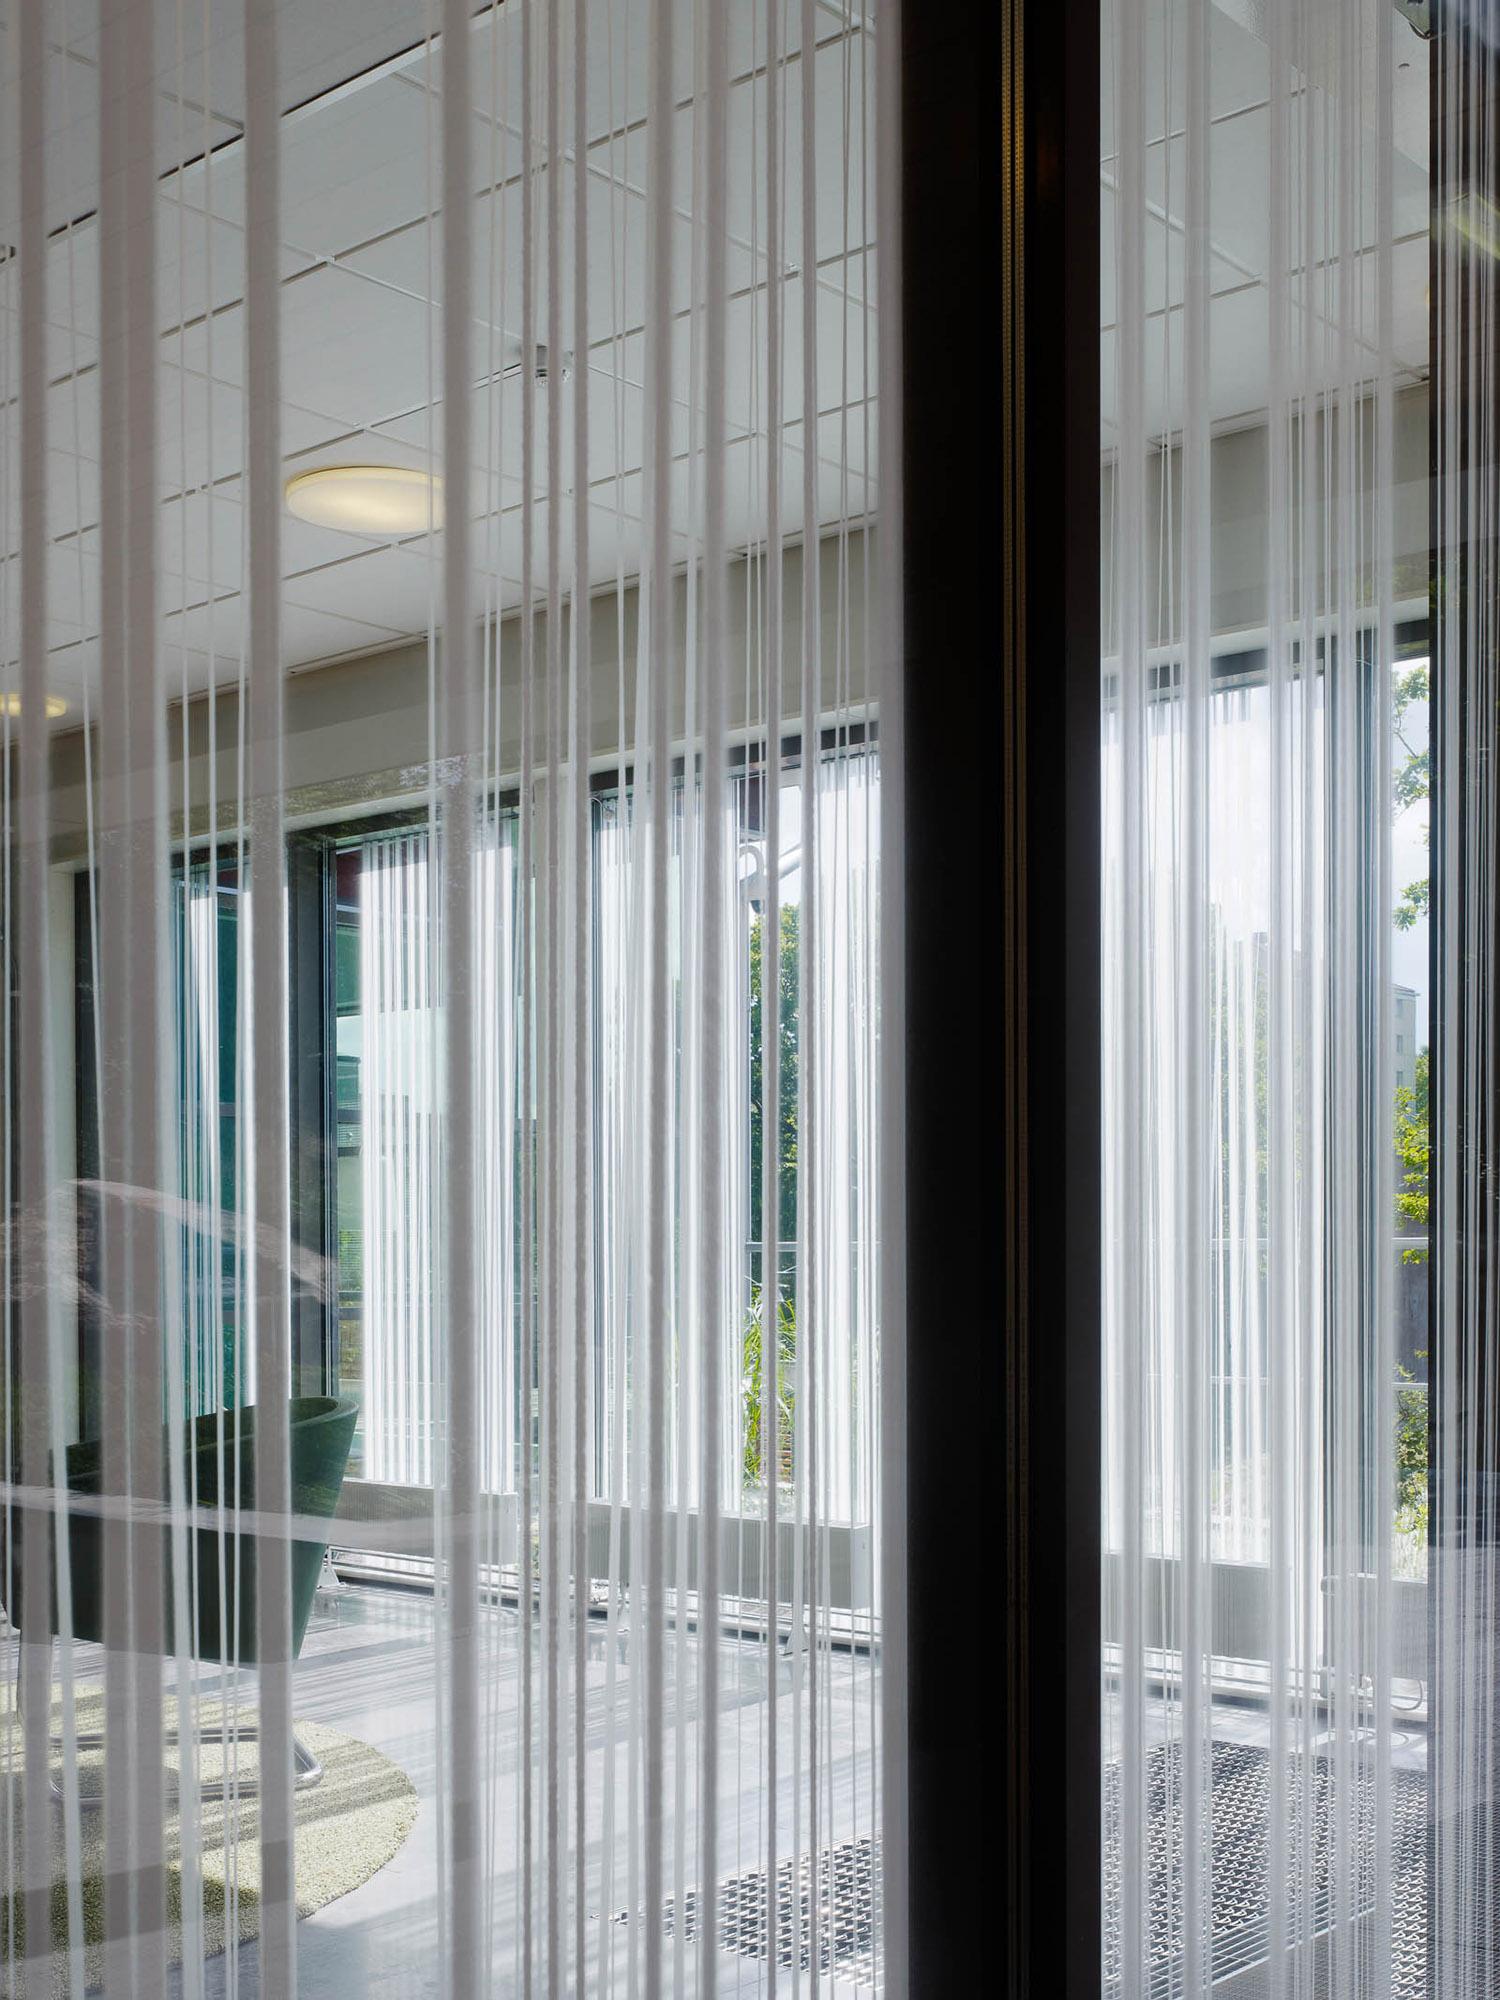 Del av glasparti. Ingegerd Råman, Crystal Curtain (2013)